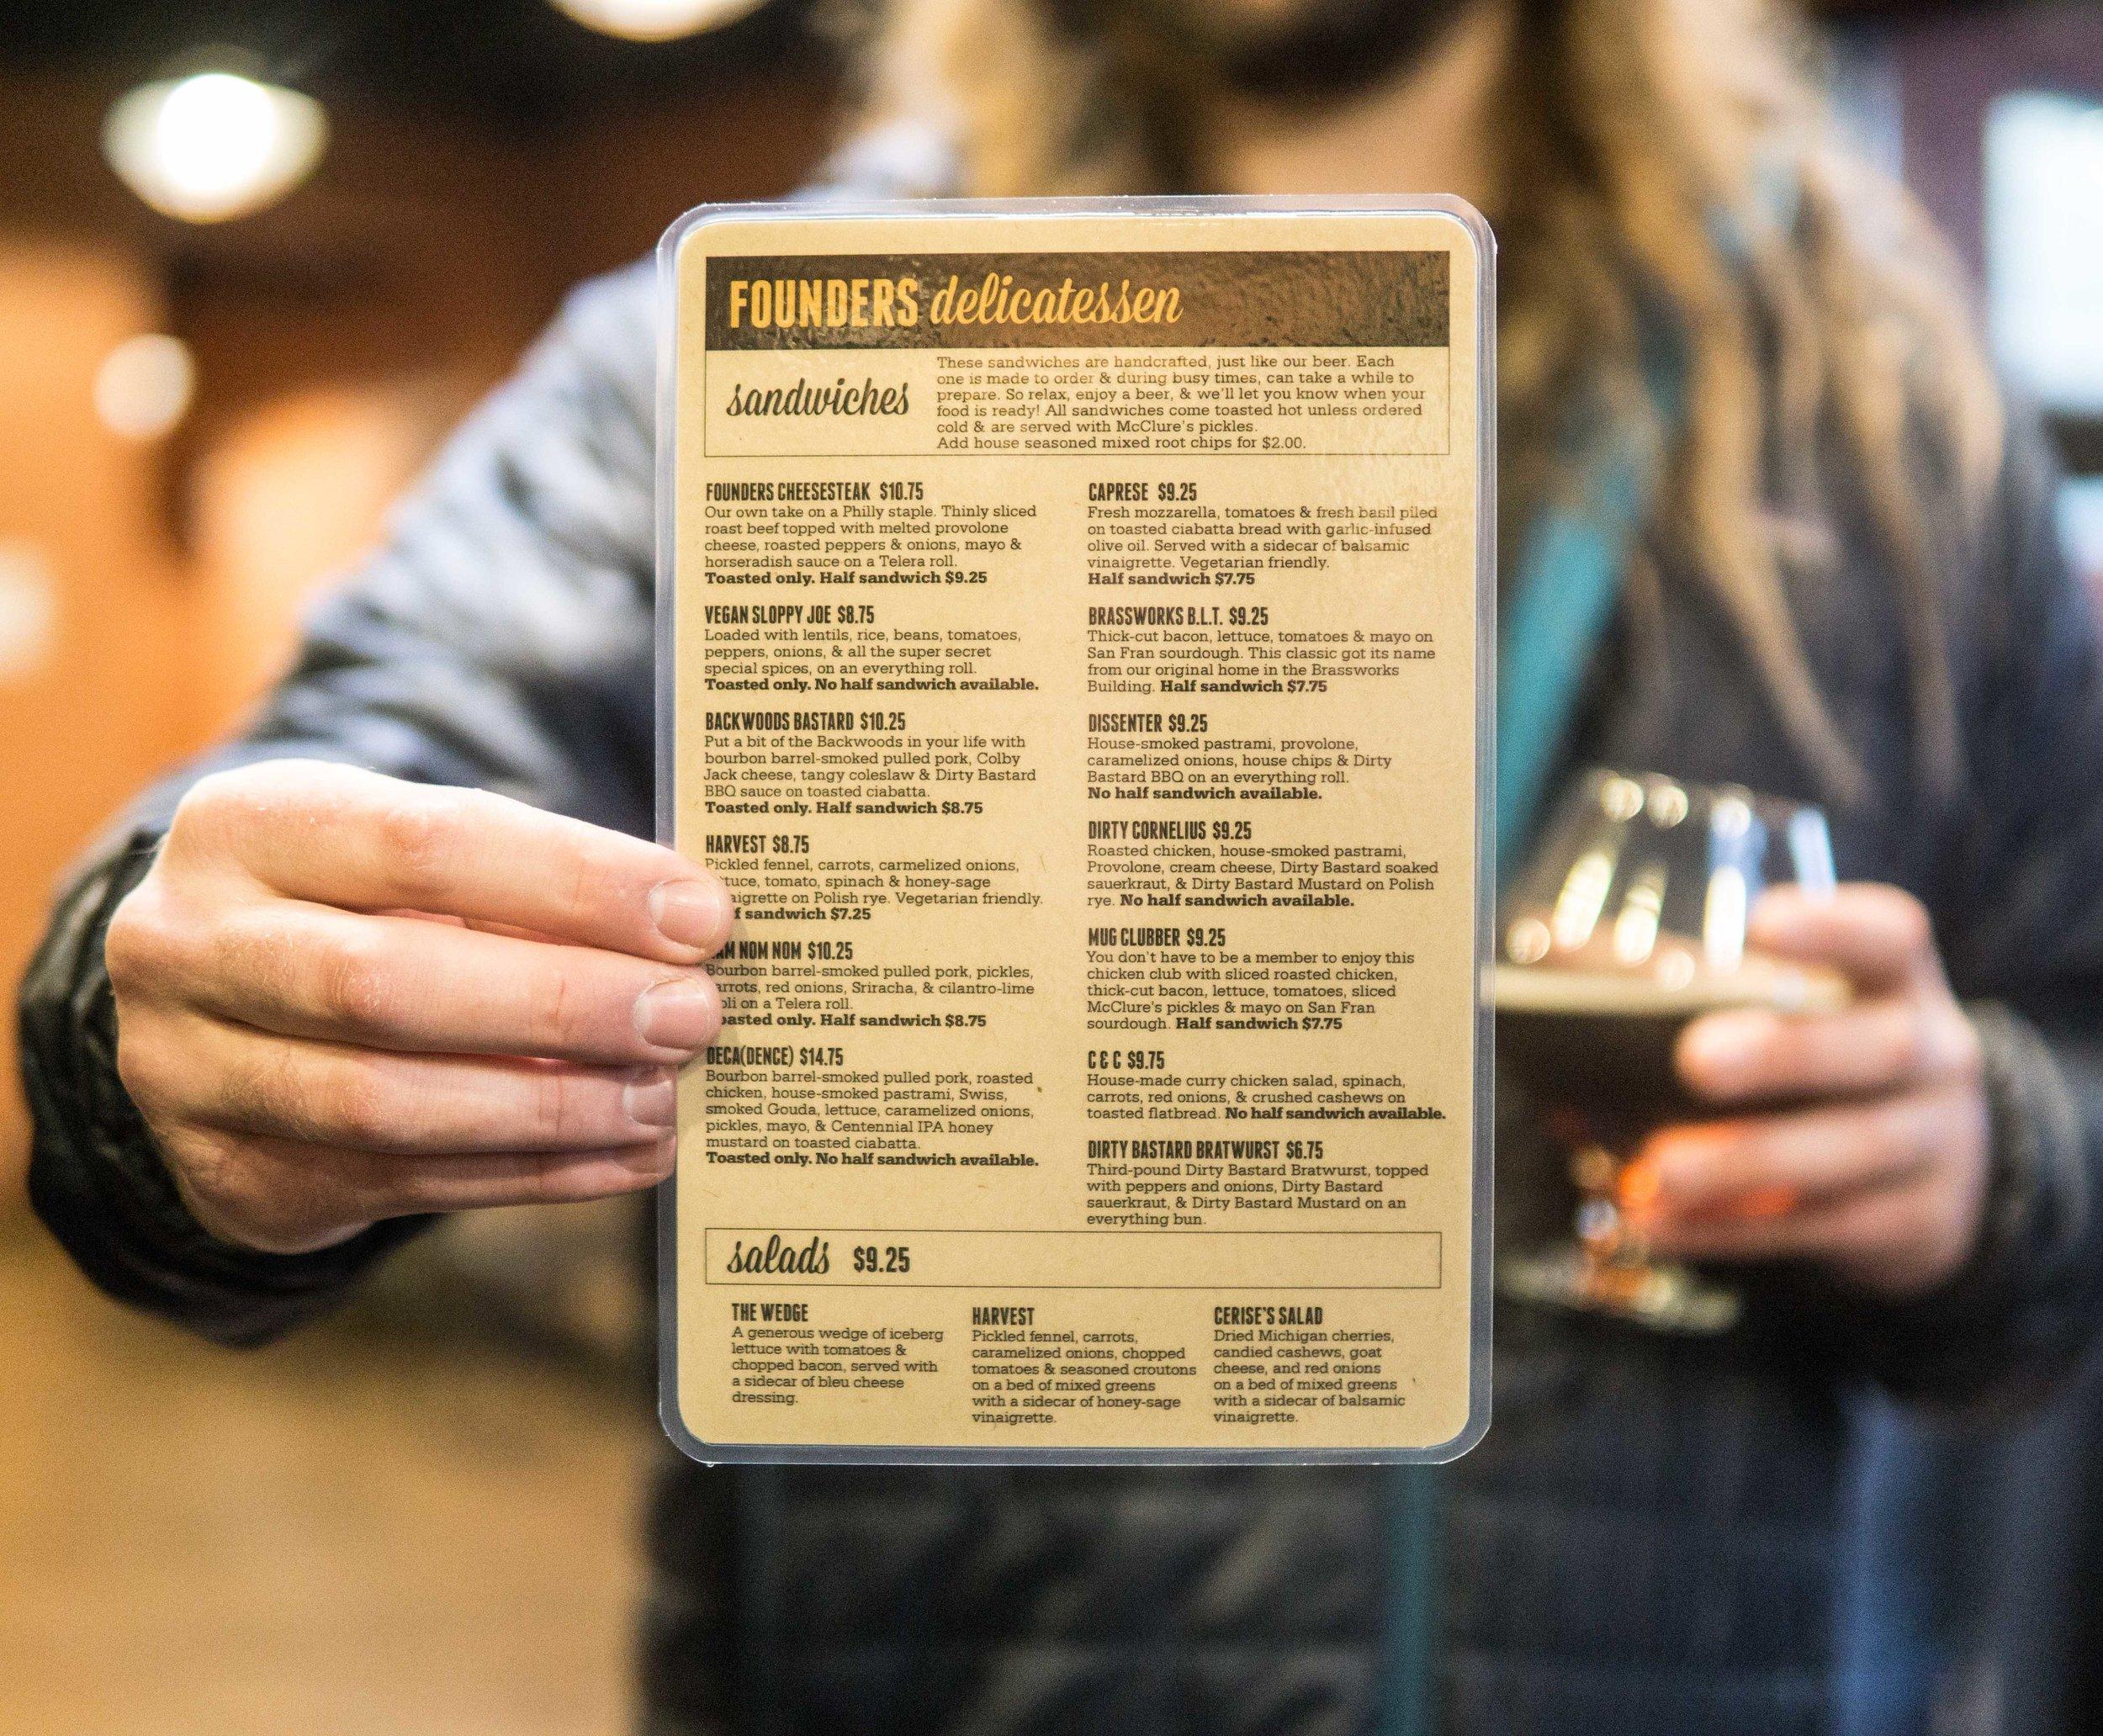 Founders food menu.